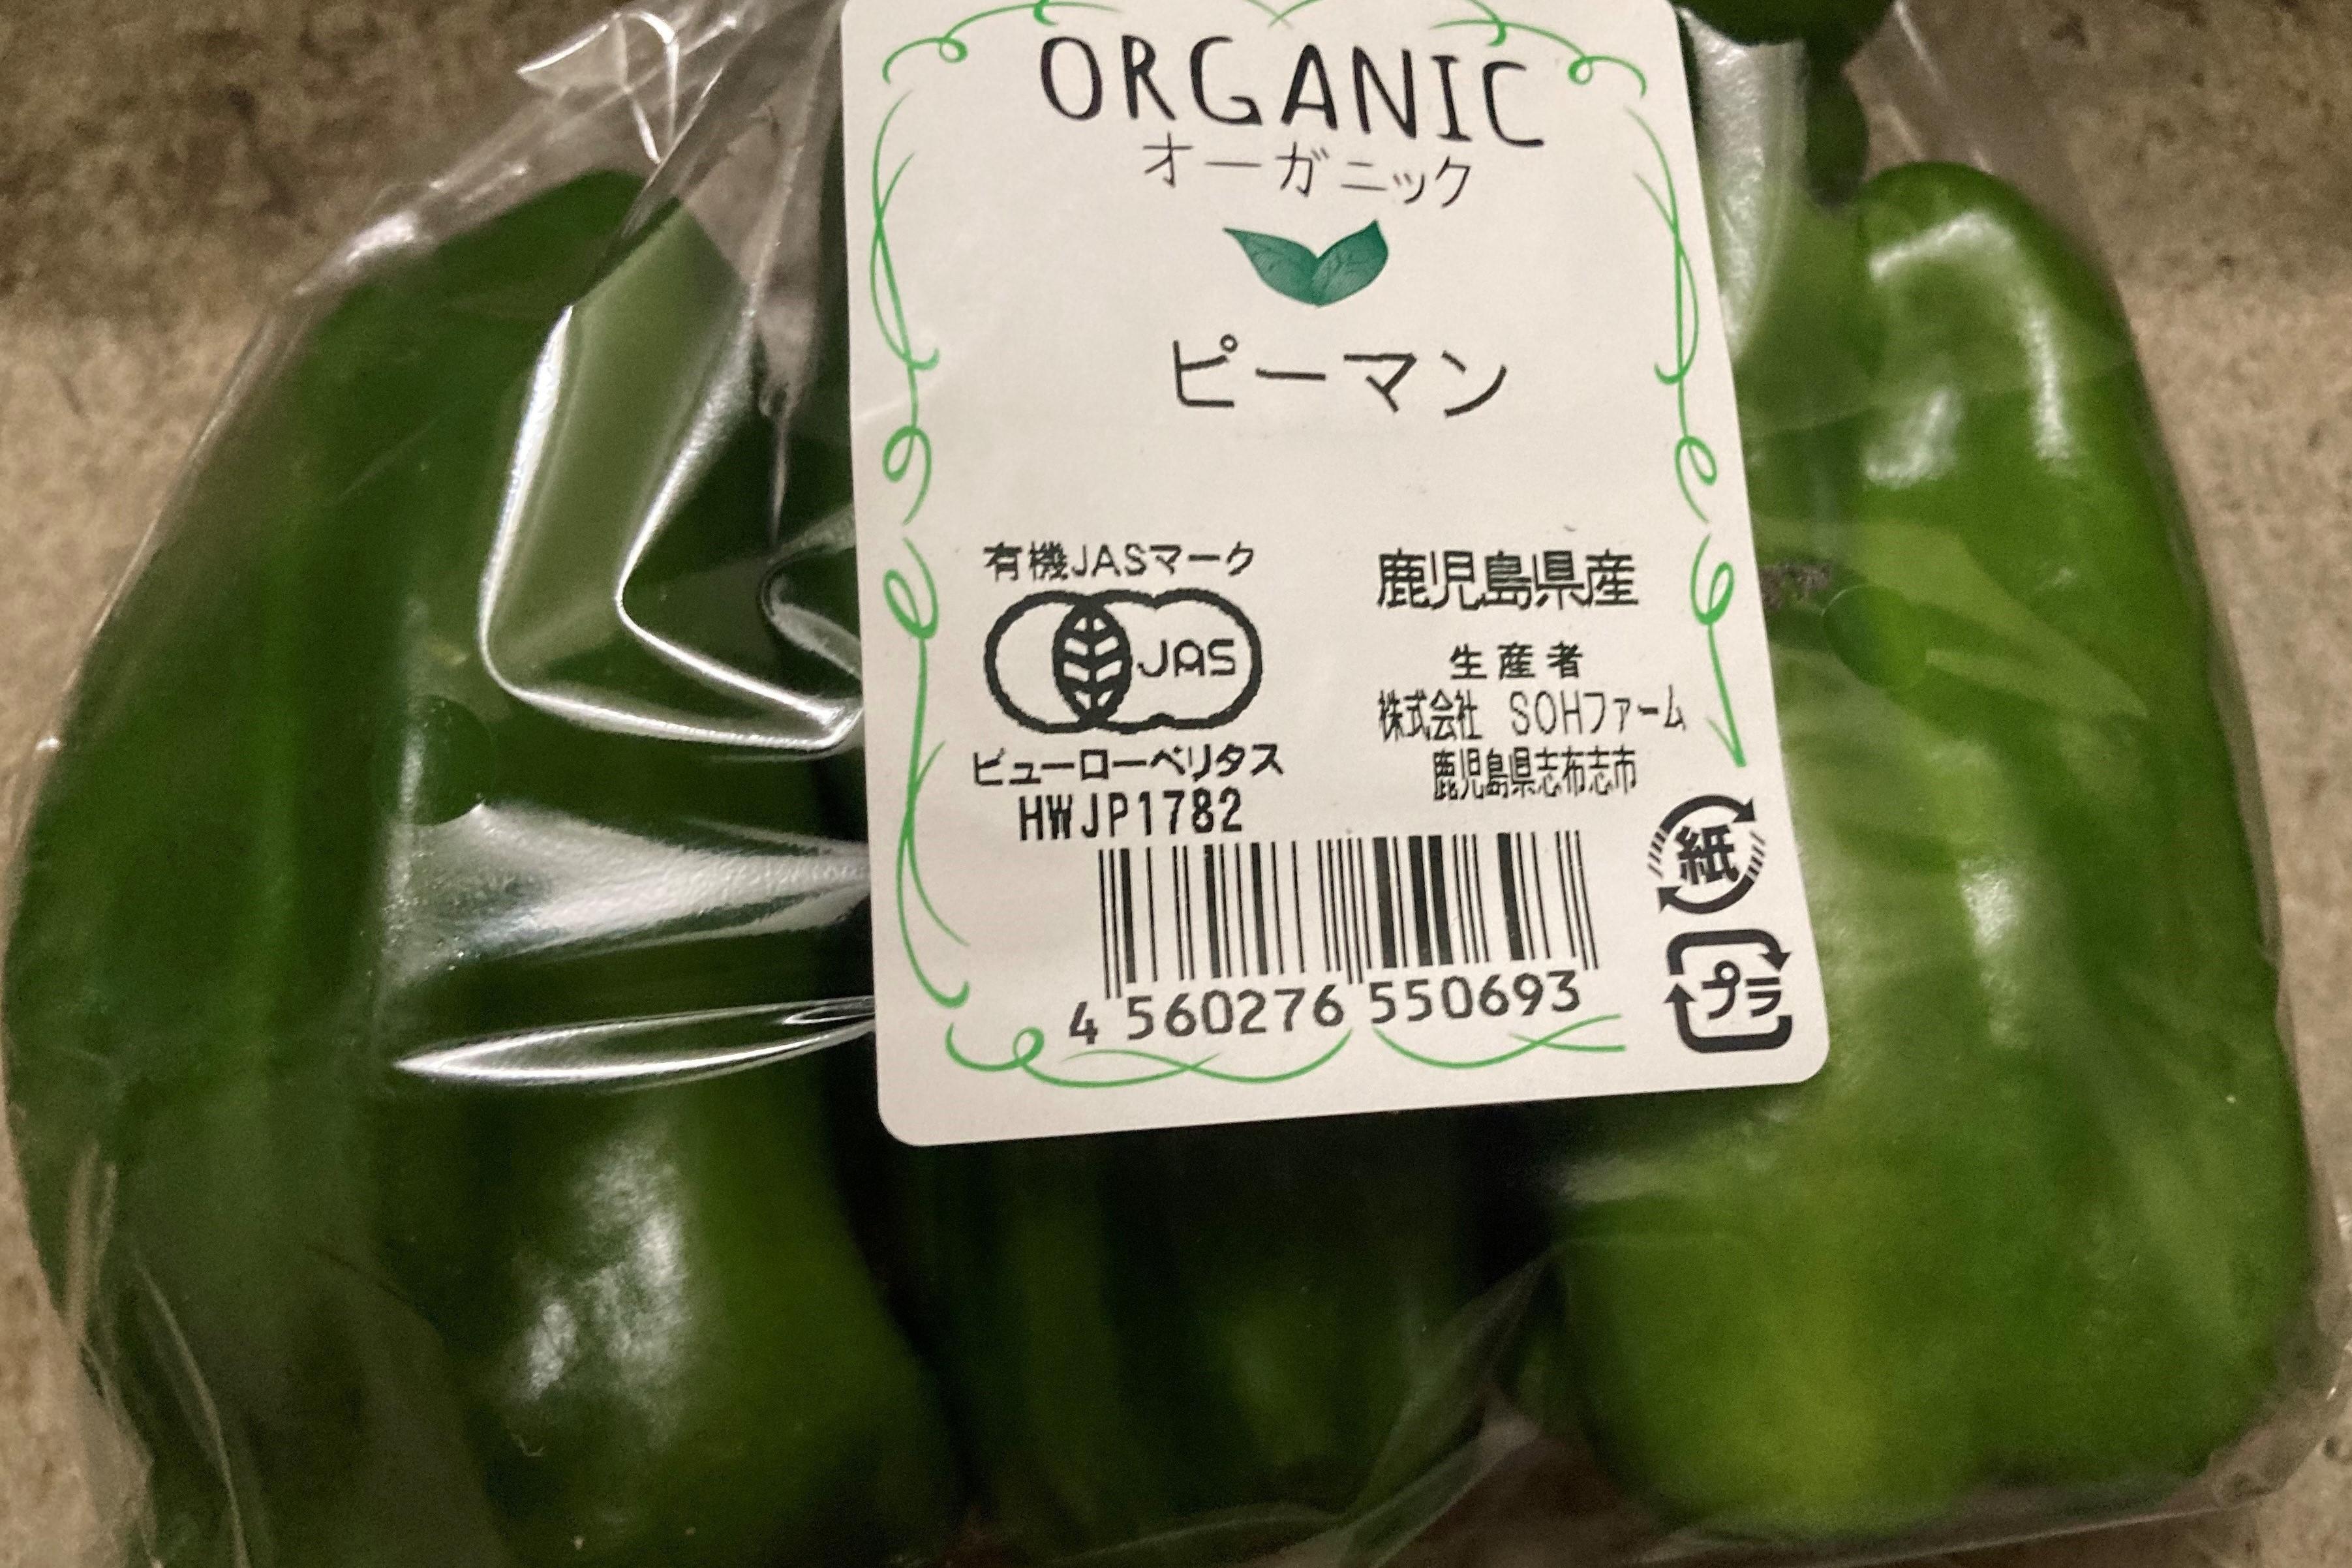 【有機】ピーマン 1パック=150g (熊本産など)